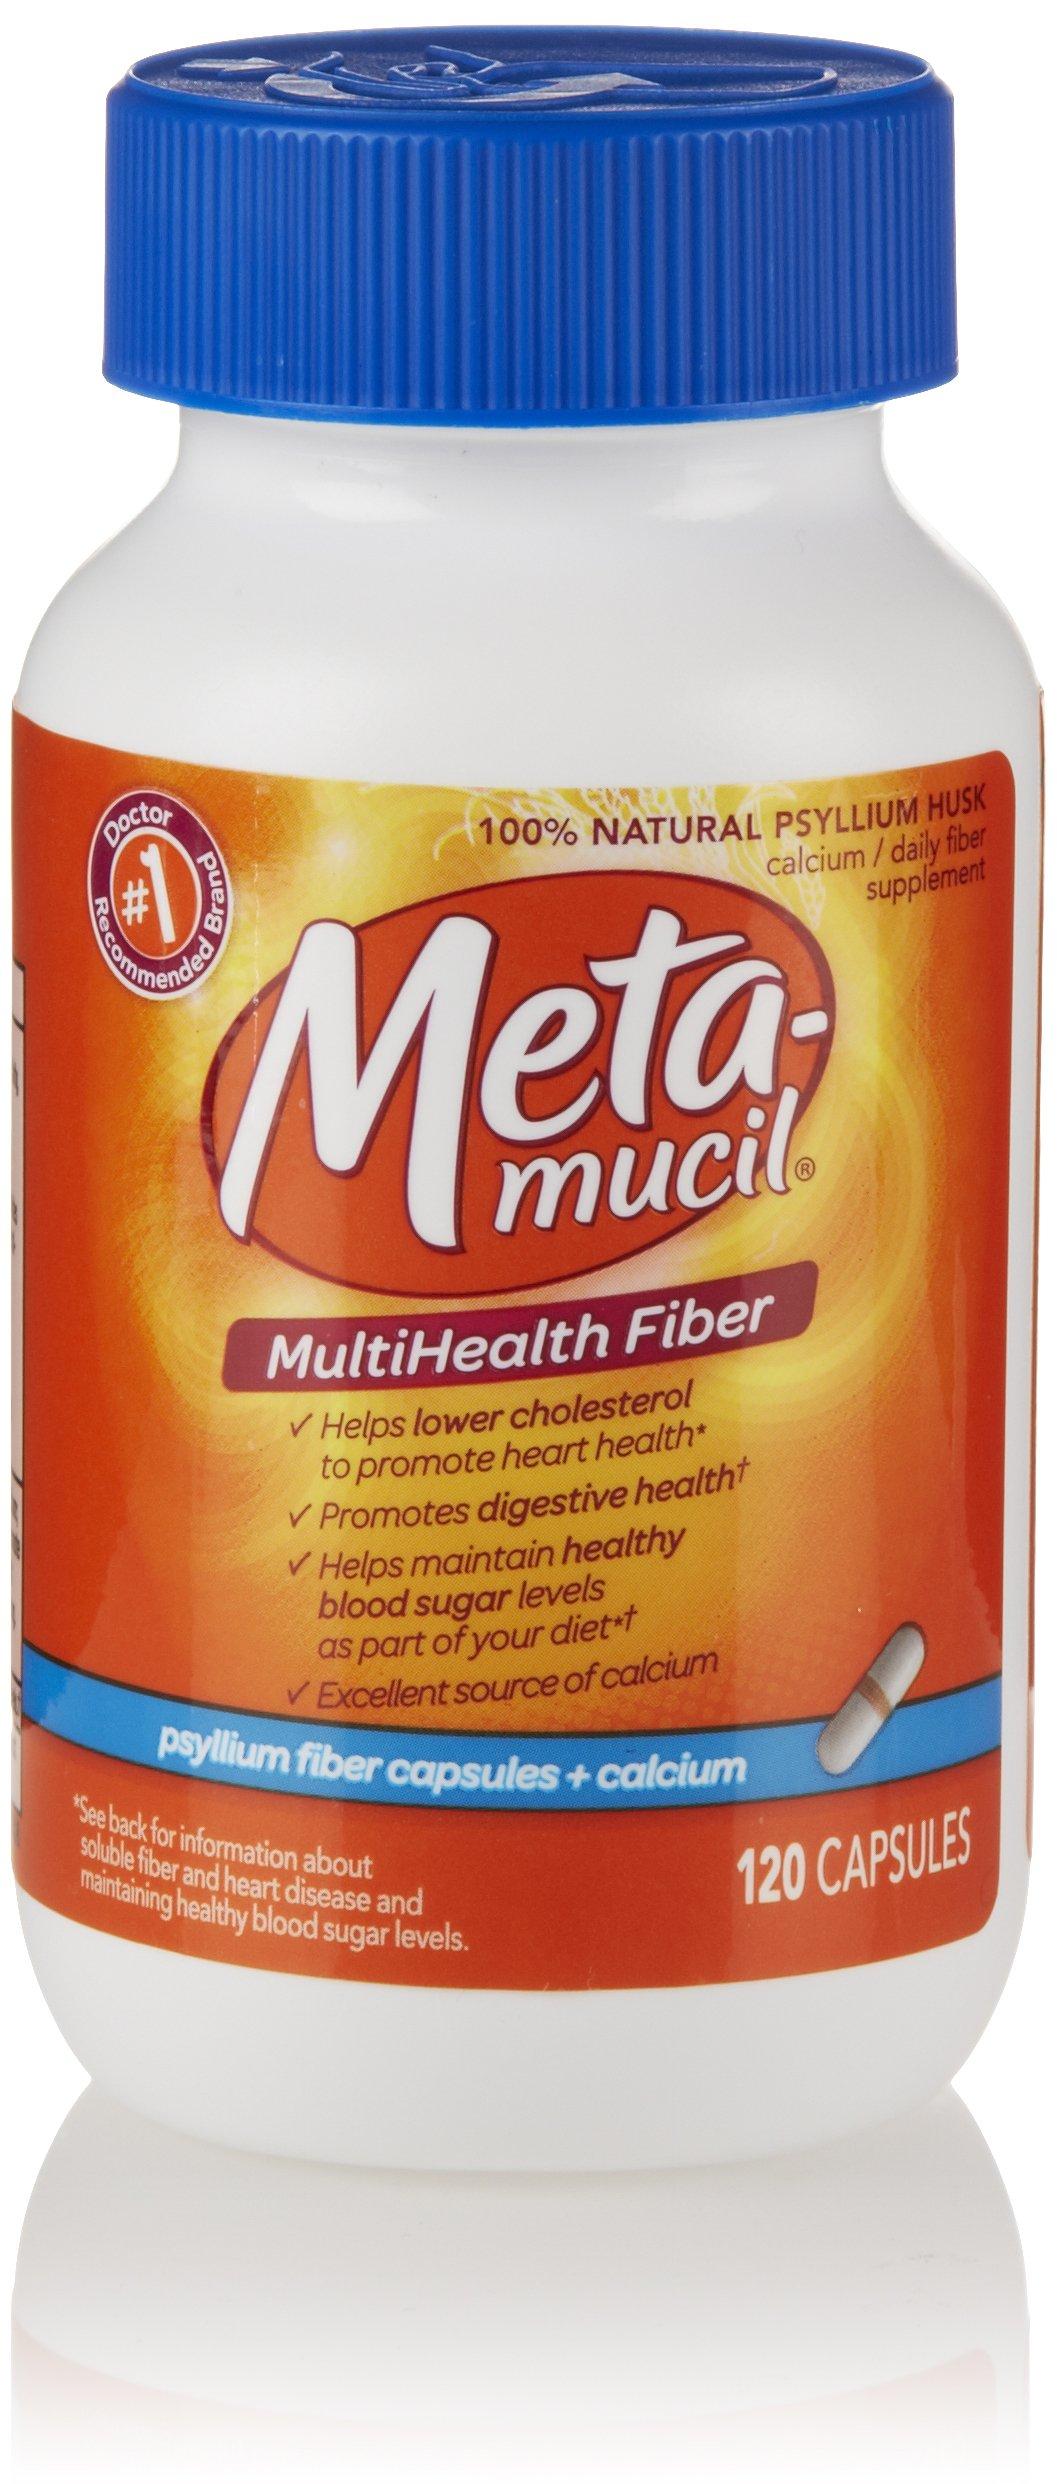 Metamucil Psyllium Fiber Supplement Capsules + Calcium 120 Count